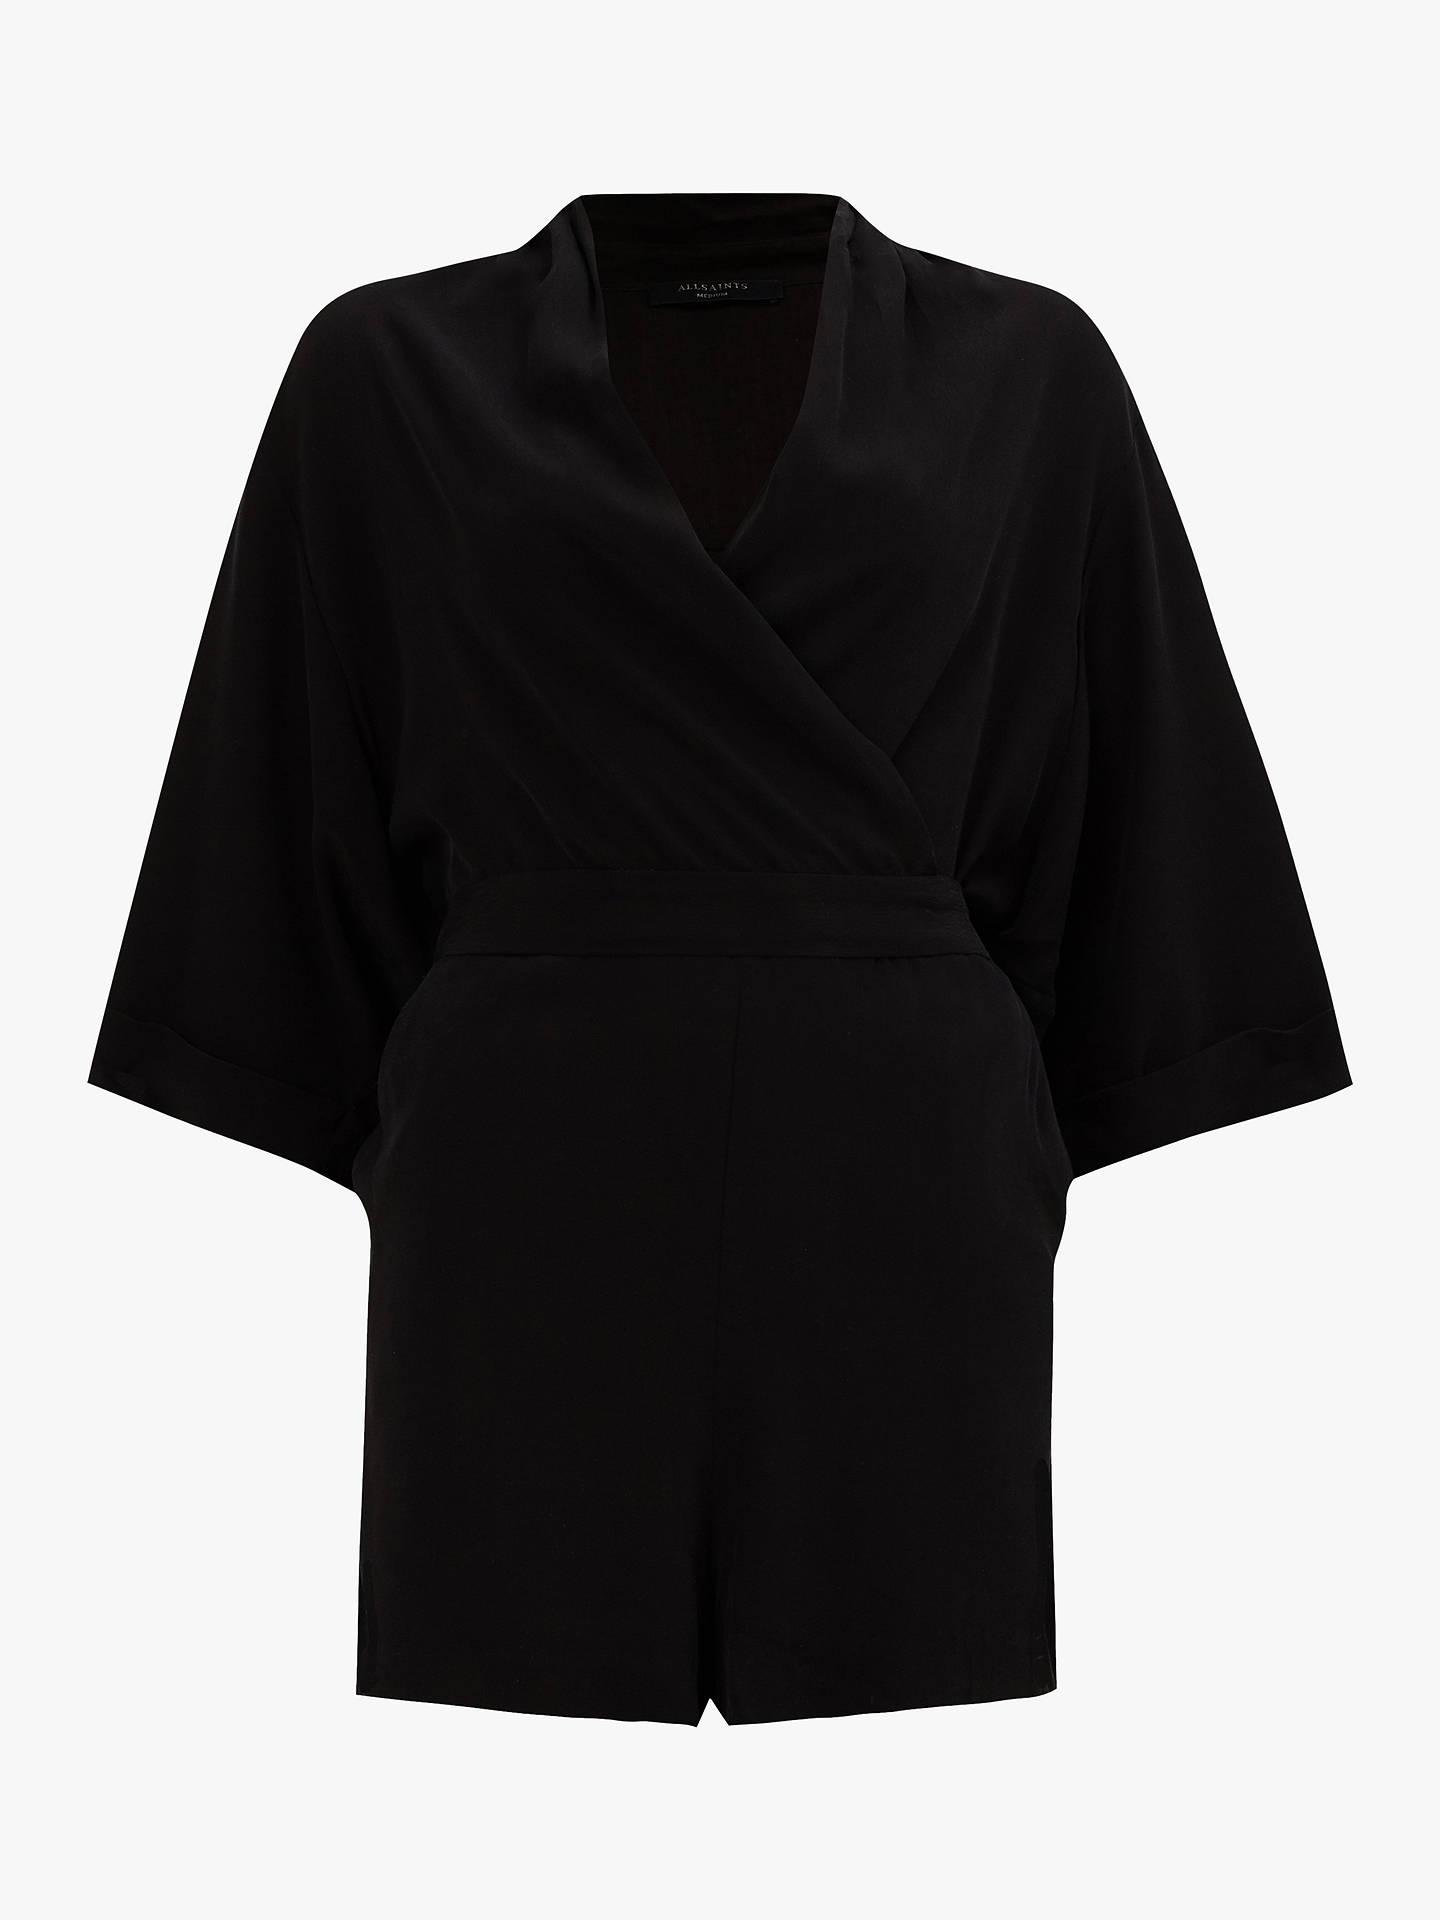 e840547bc0 ... Buy AllSaints Laurel Playsuit